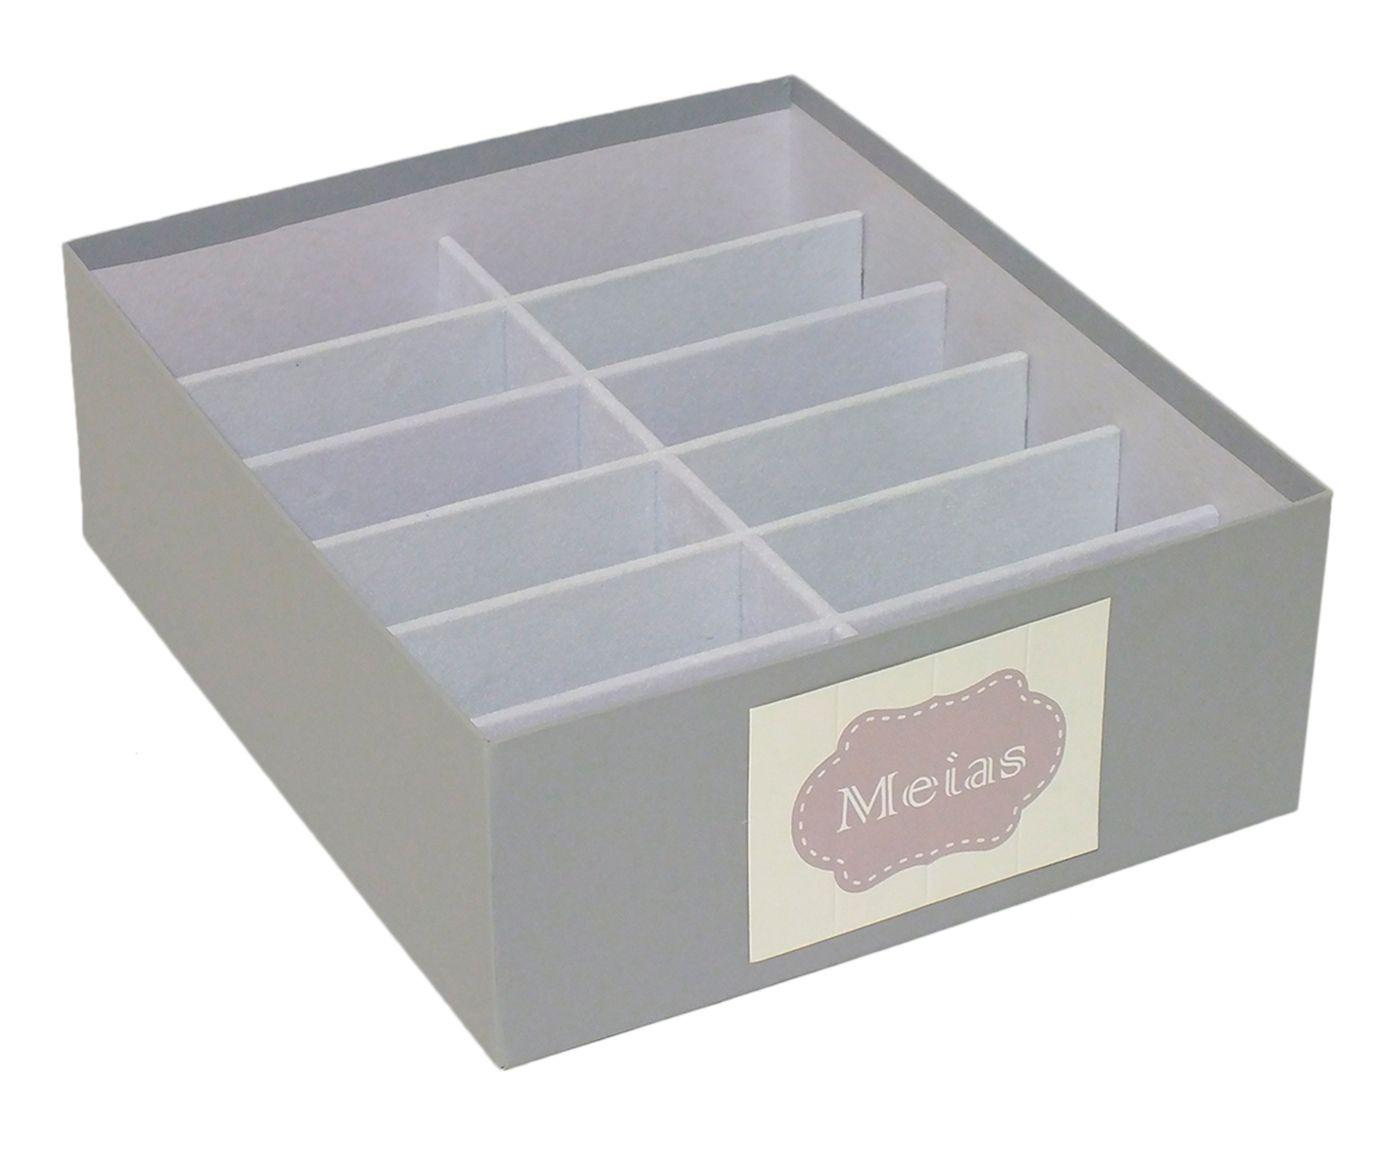 Caixa Organizadora para Meias Tag Nola Cinza - 30X10X25cm   Westwing.com.br